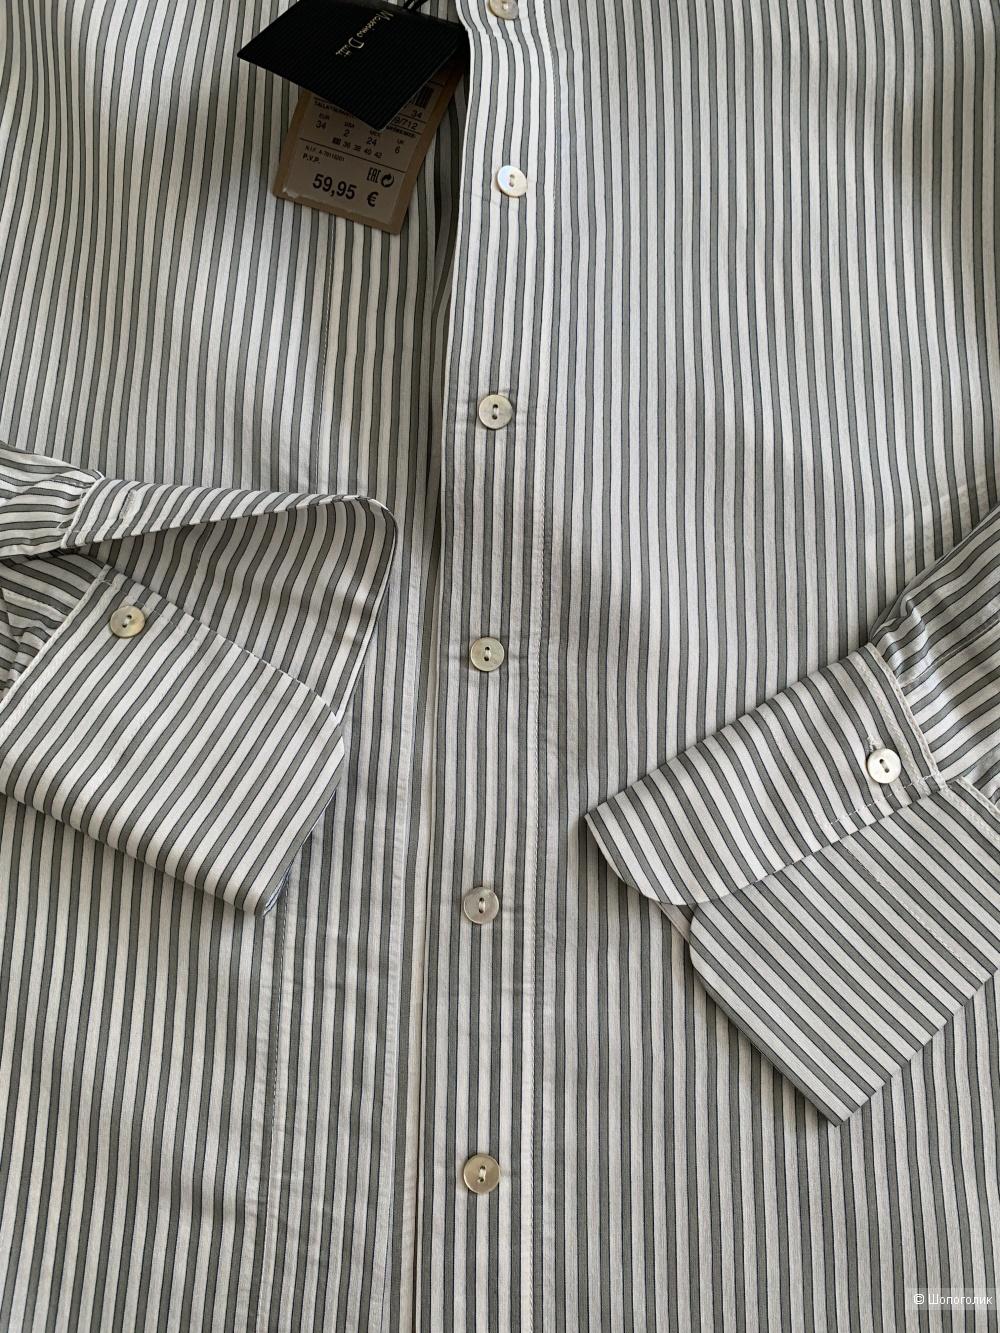 Рубашка Massimo Dutti, р.34 eur